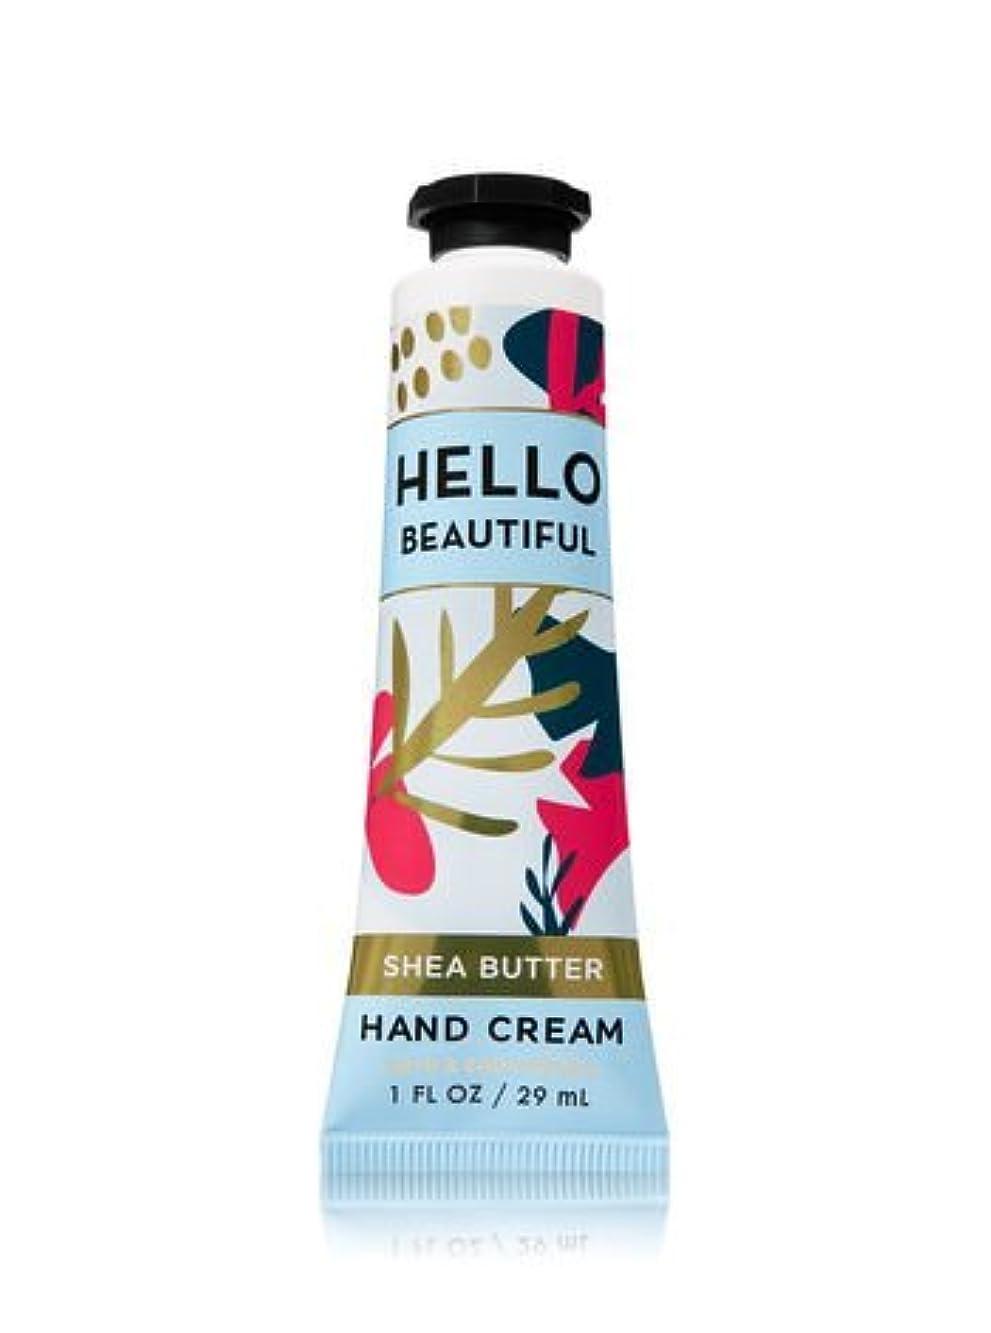 やめる主に使役【Bath&Body Works/バス&ボディワークス】 シアバター ハンドクリーム ハロービューティフル Shea Butter Hand Cream Hello Beautiful 1 fl oz / 29 mL [...